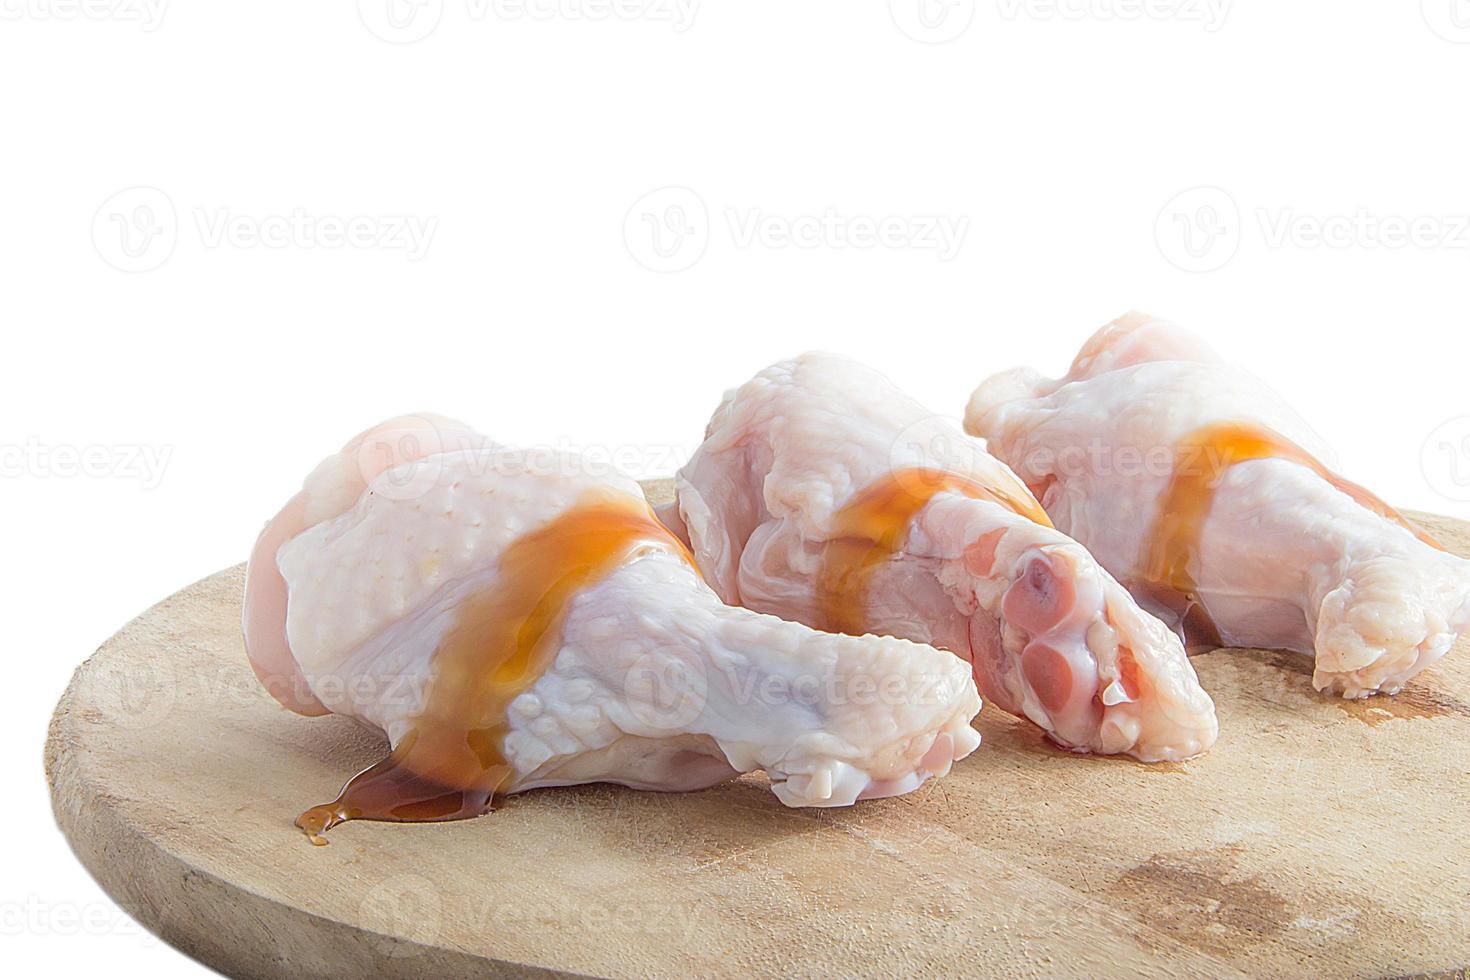 rohe Hähnchenschenkel auf hölzernen Schneidebrettern auf weißem Hintergrund foto